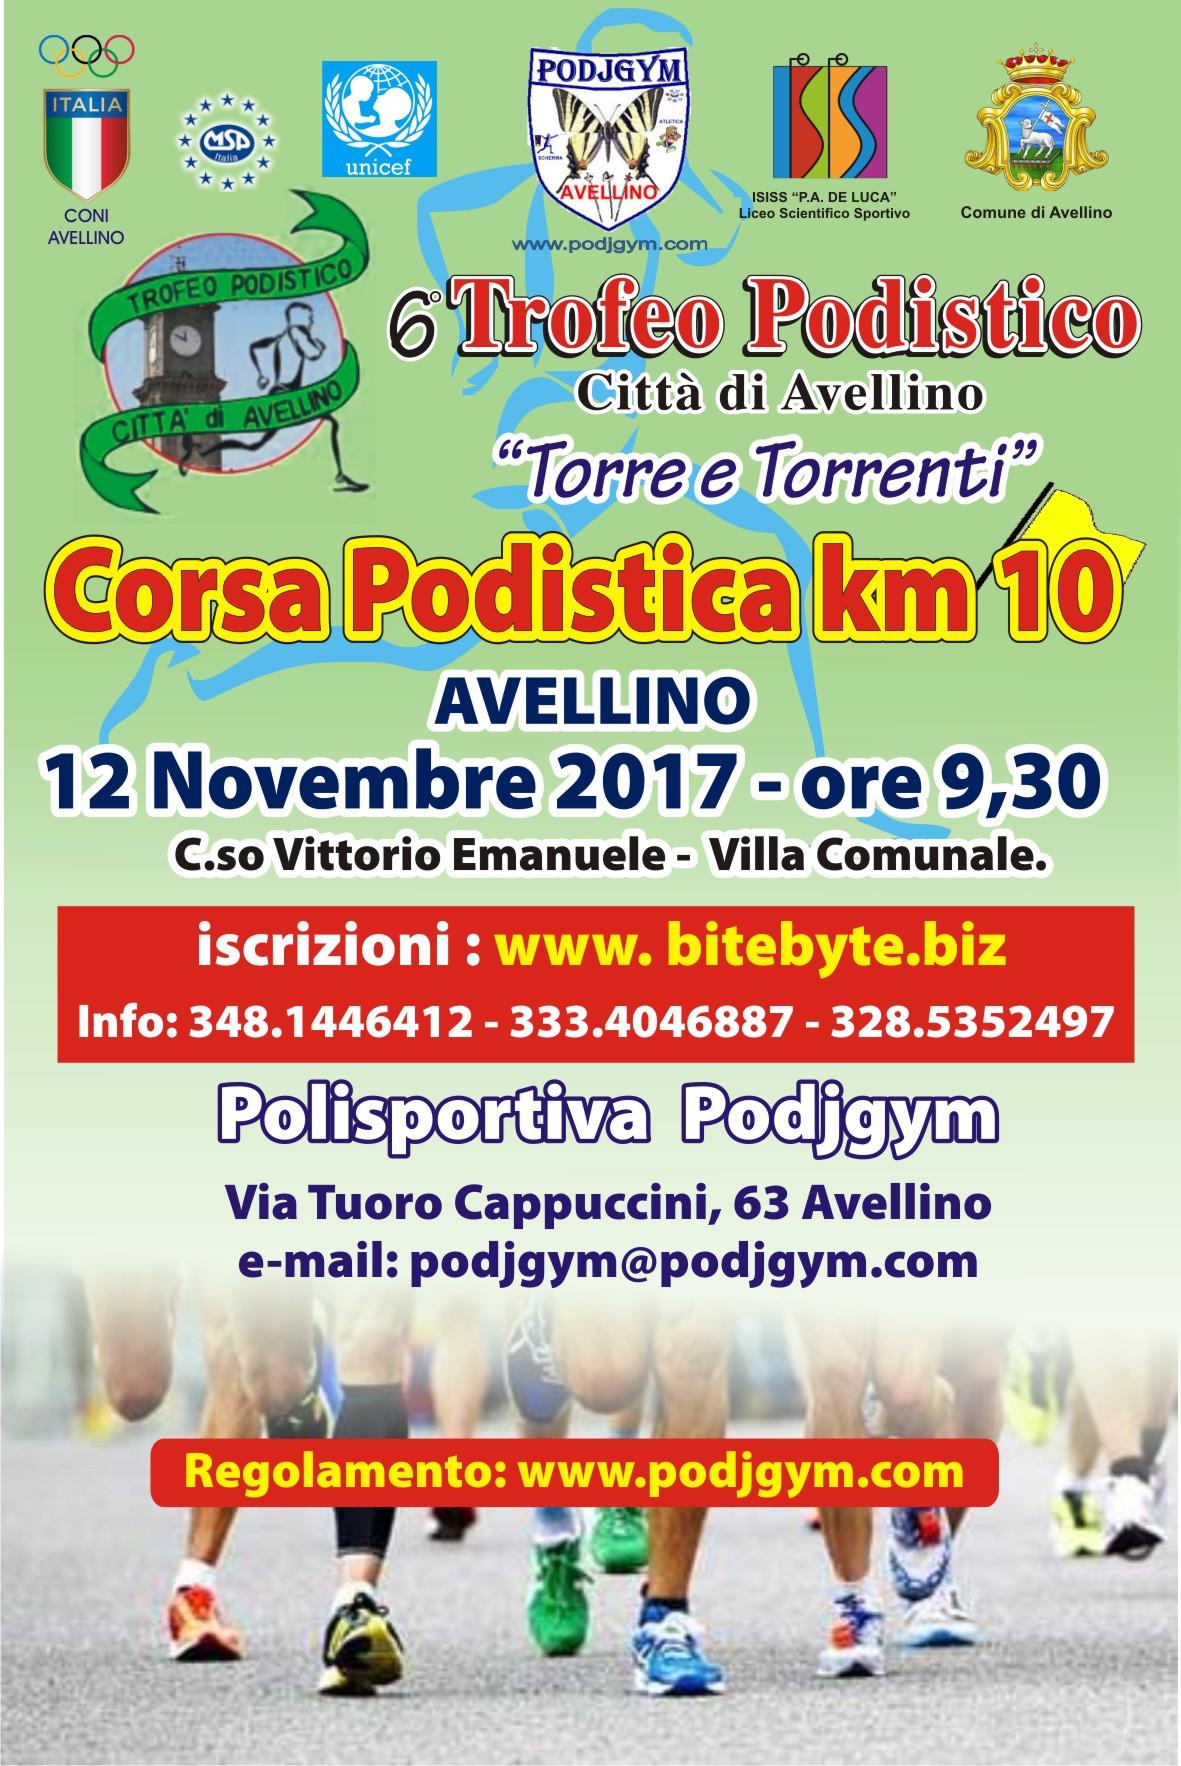 Avellino 2017